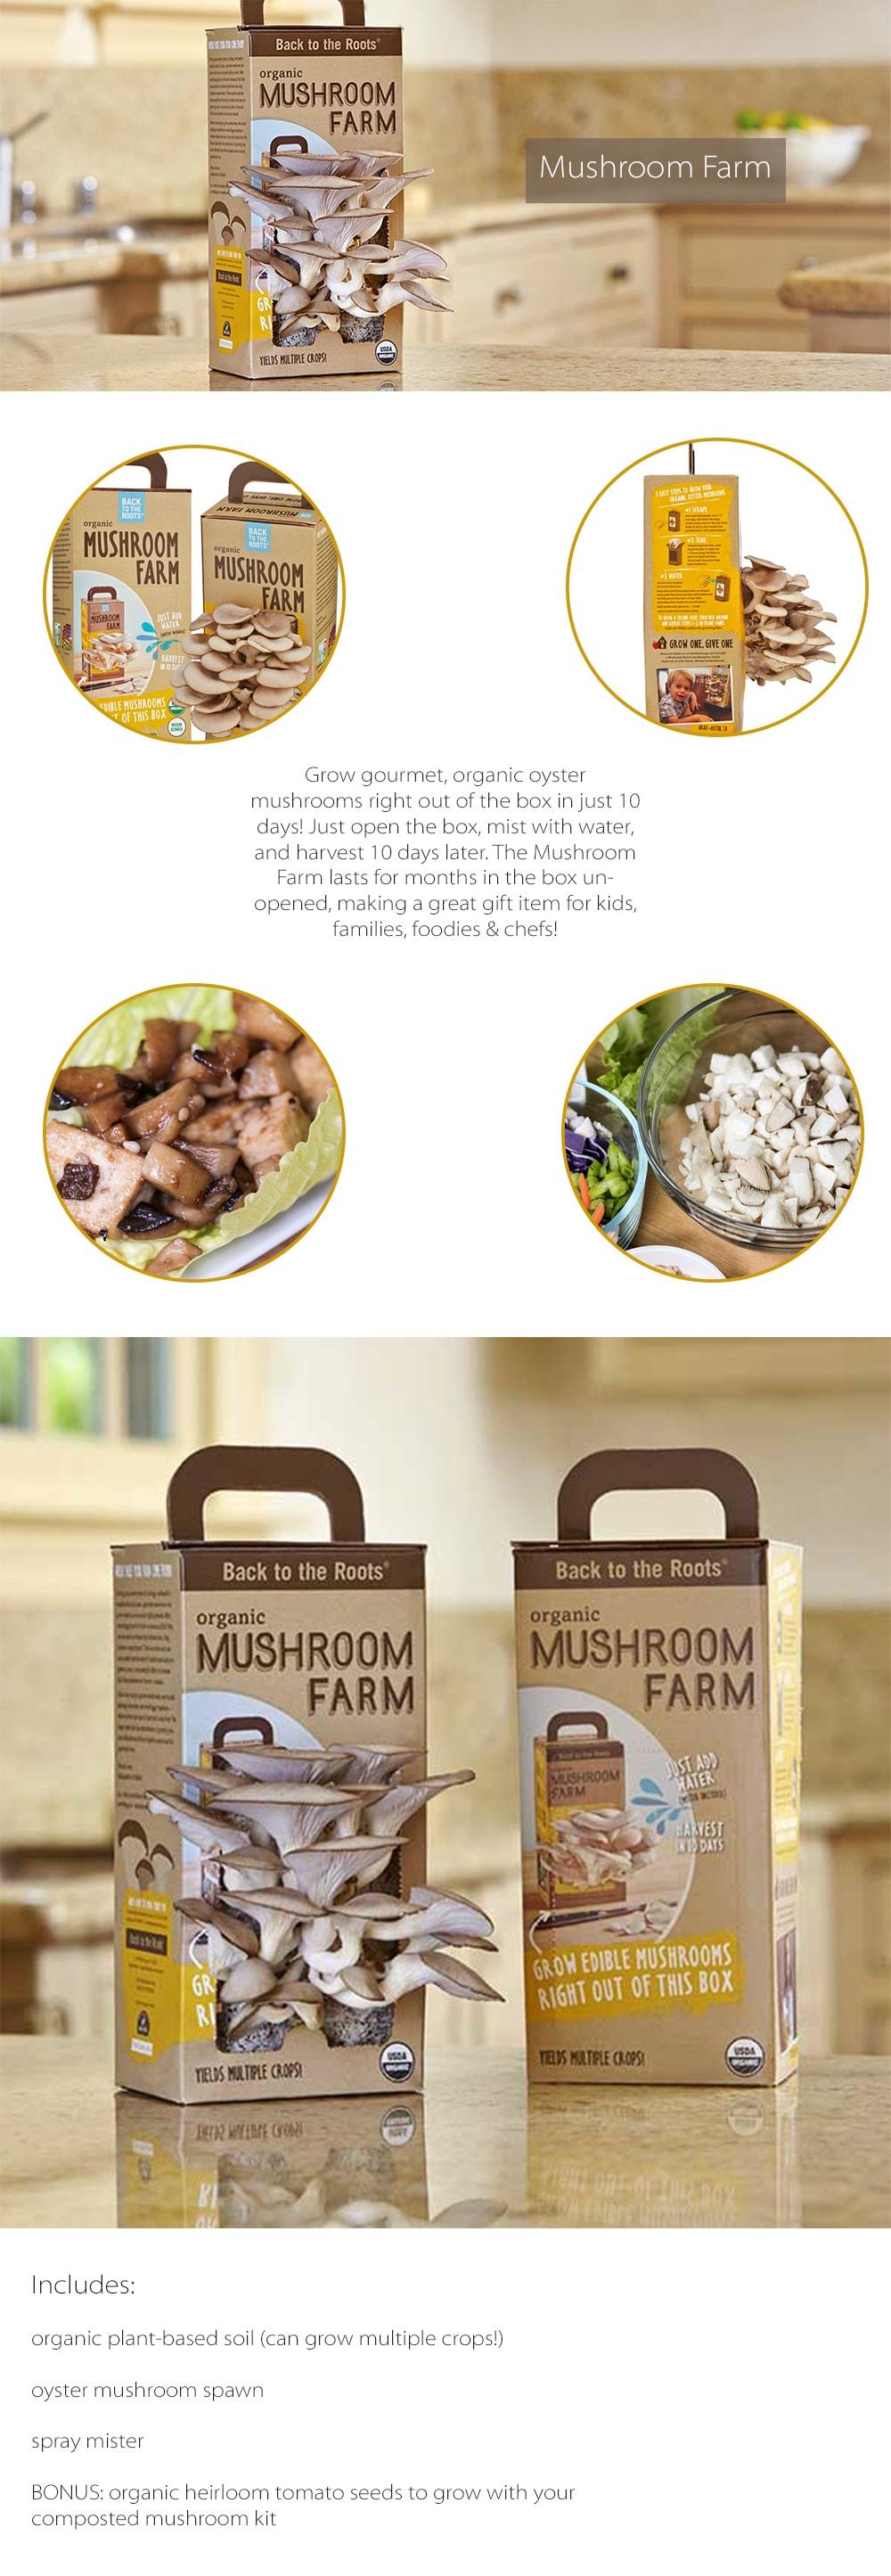 Mushroom Farm Grow Gourmet, Organic Oyster Mushrooms